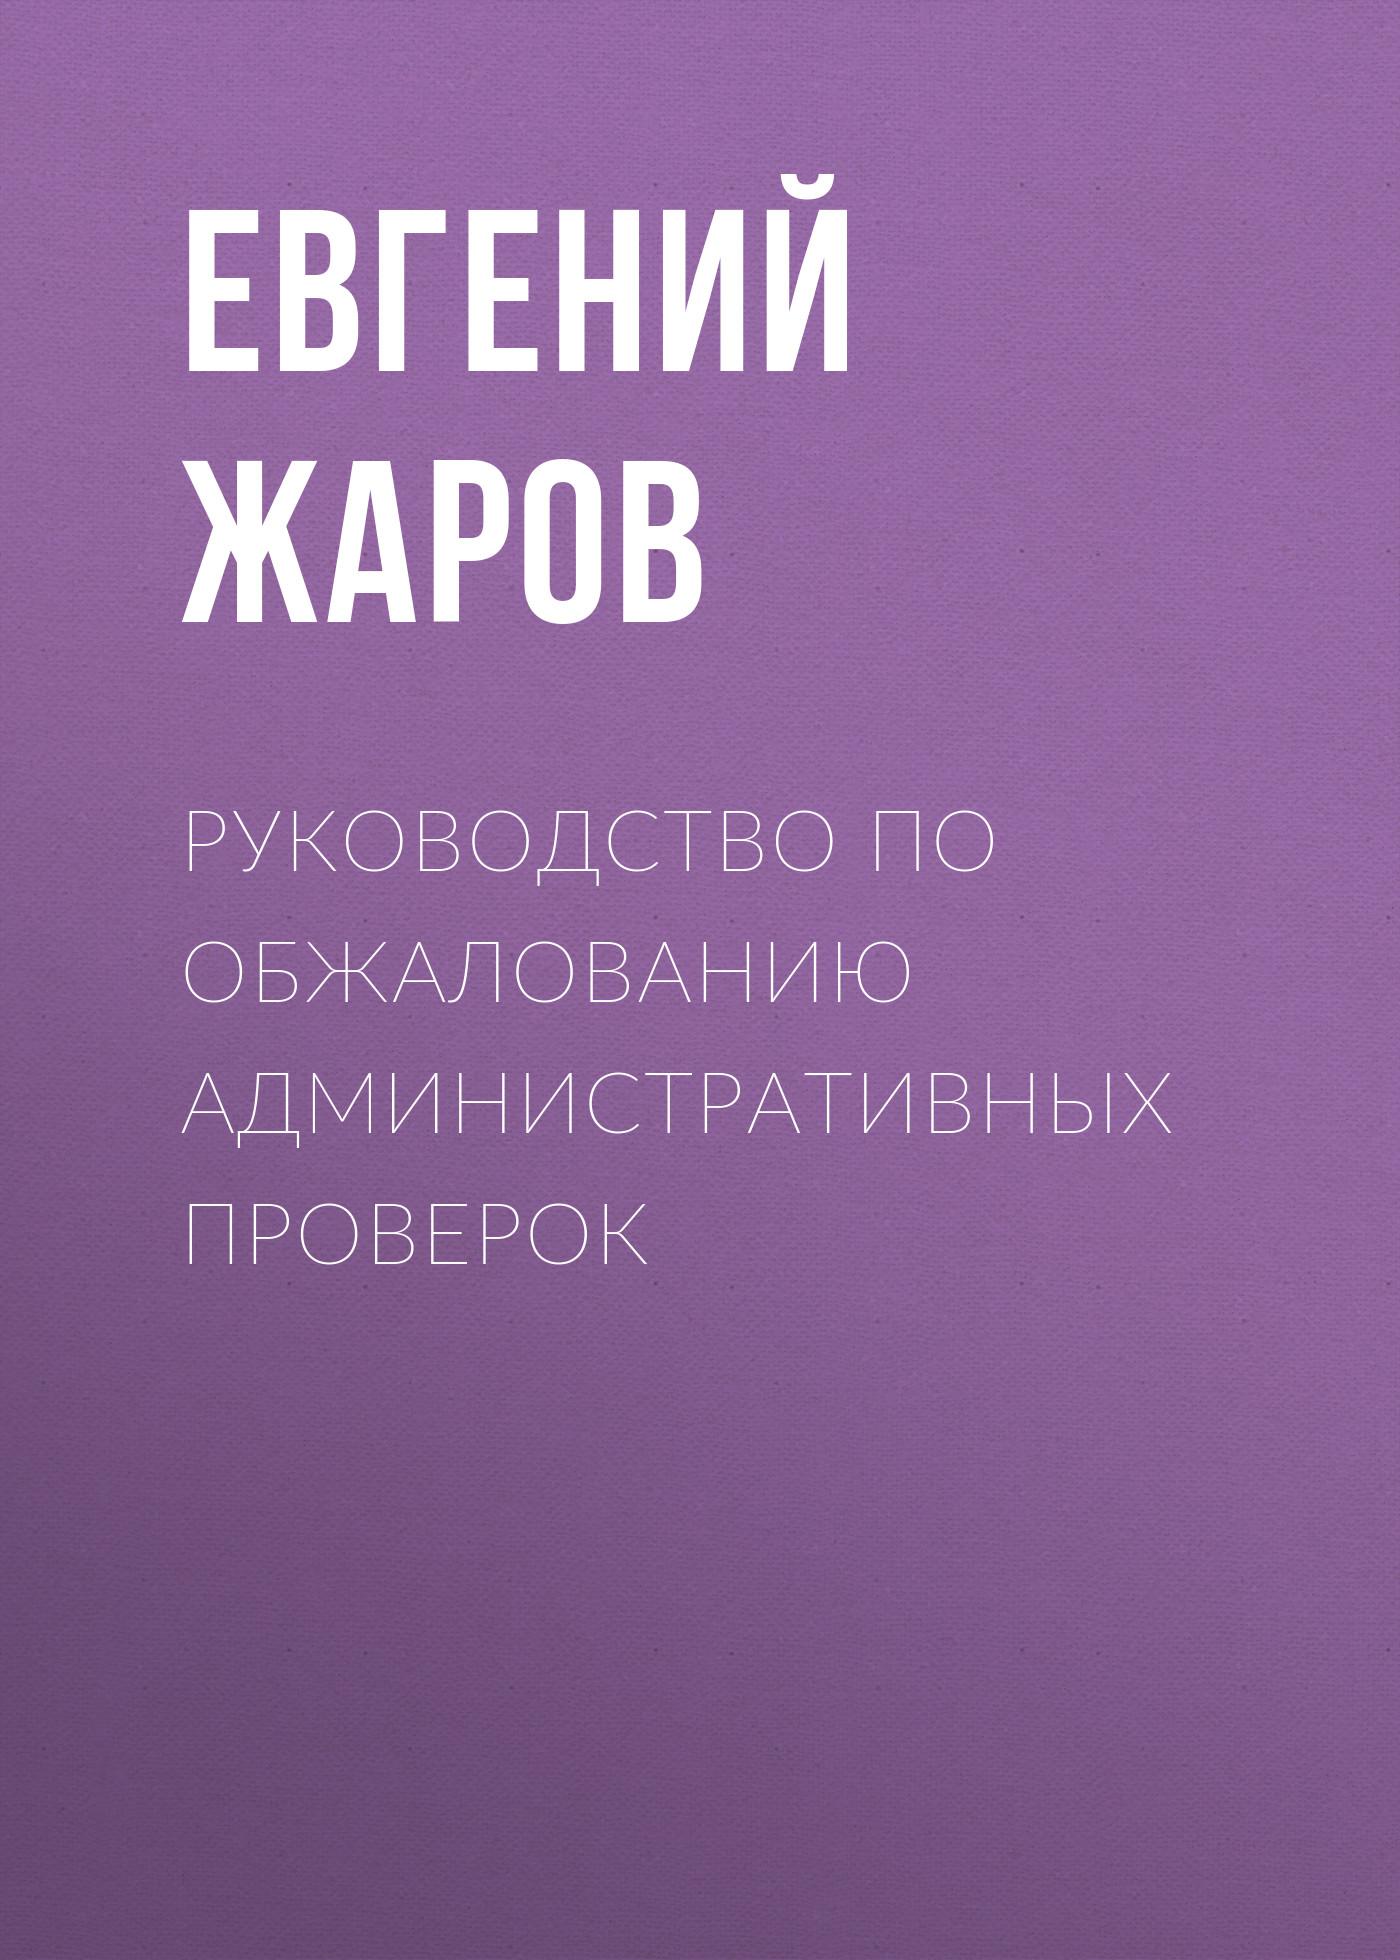 Евгений Жаров - Руководство по обжалованию административных проверок